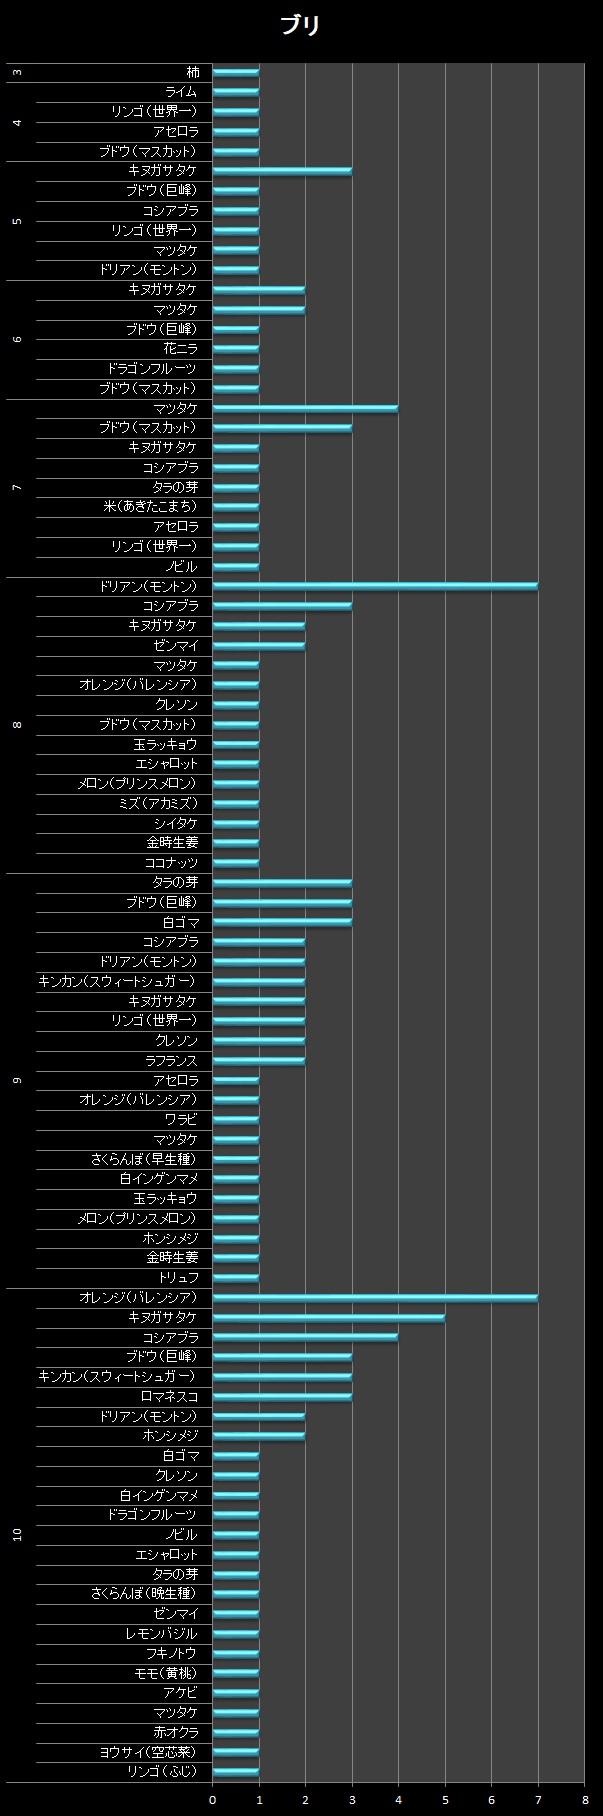 横棒グラフ/ブリ